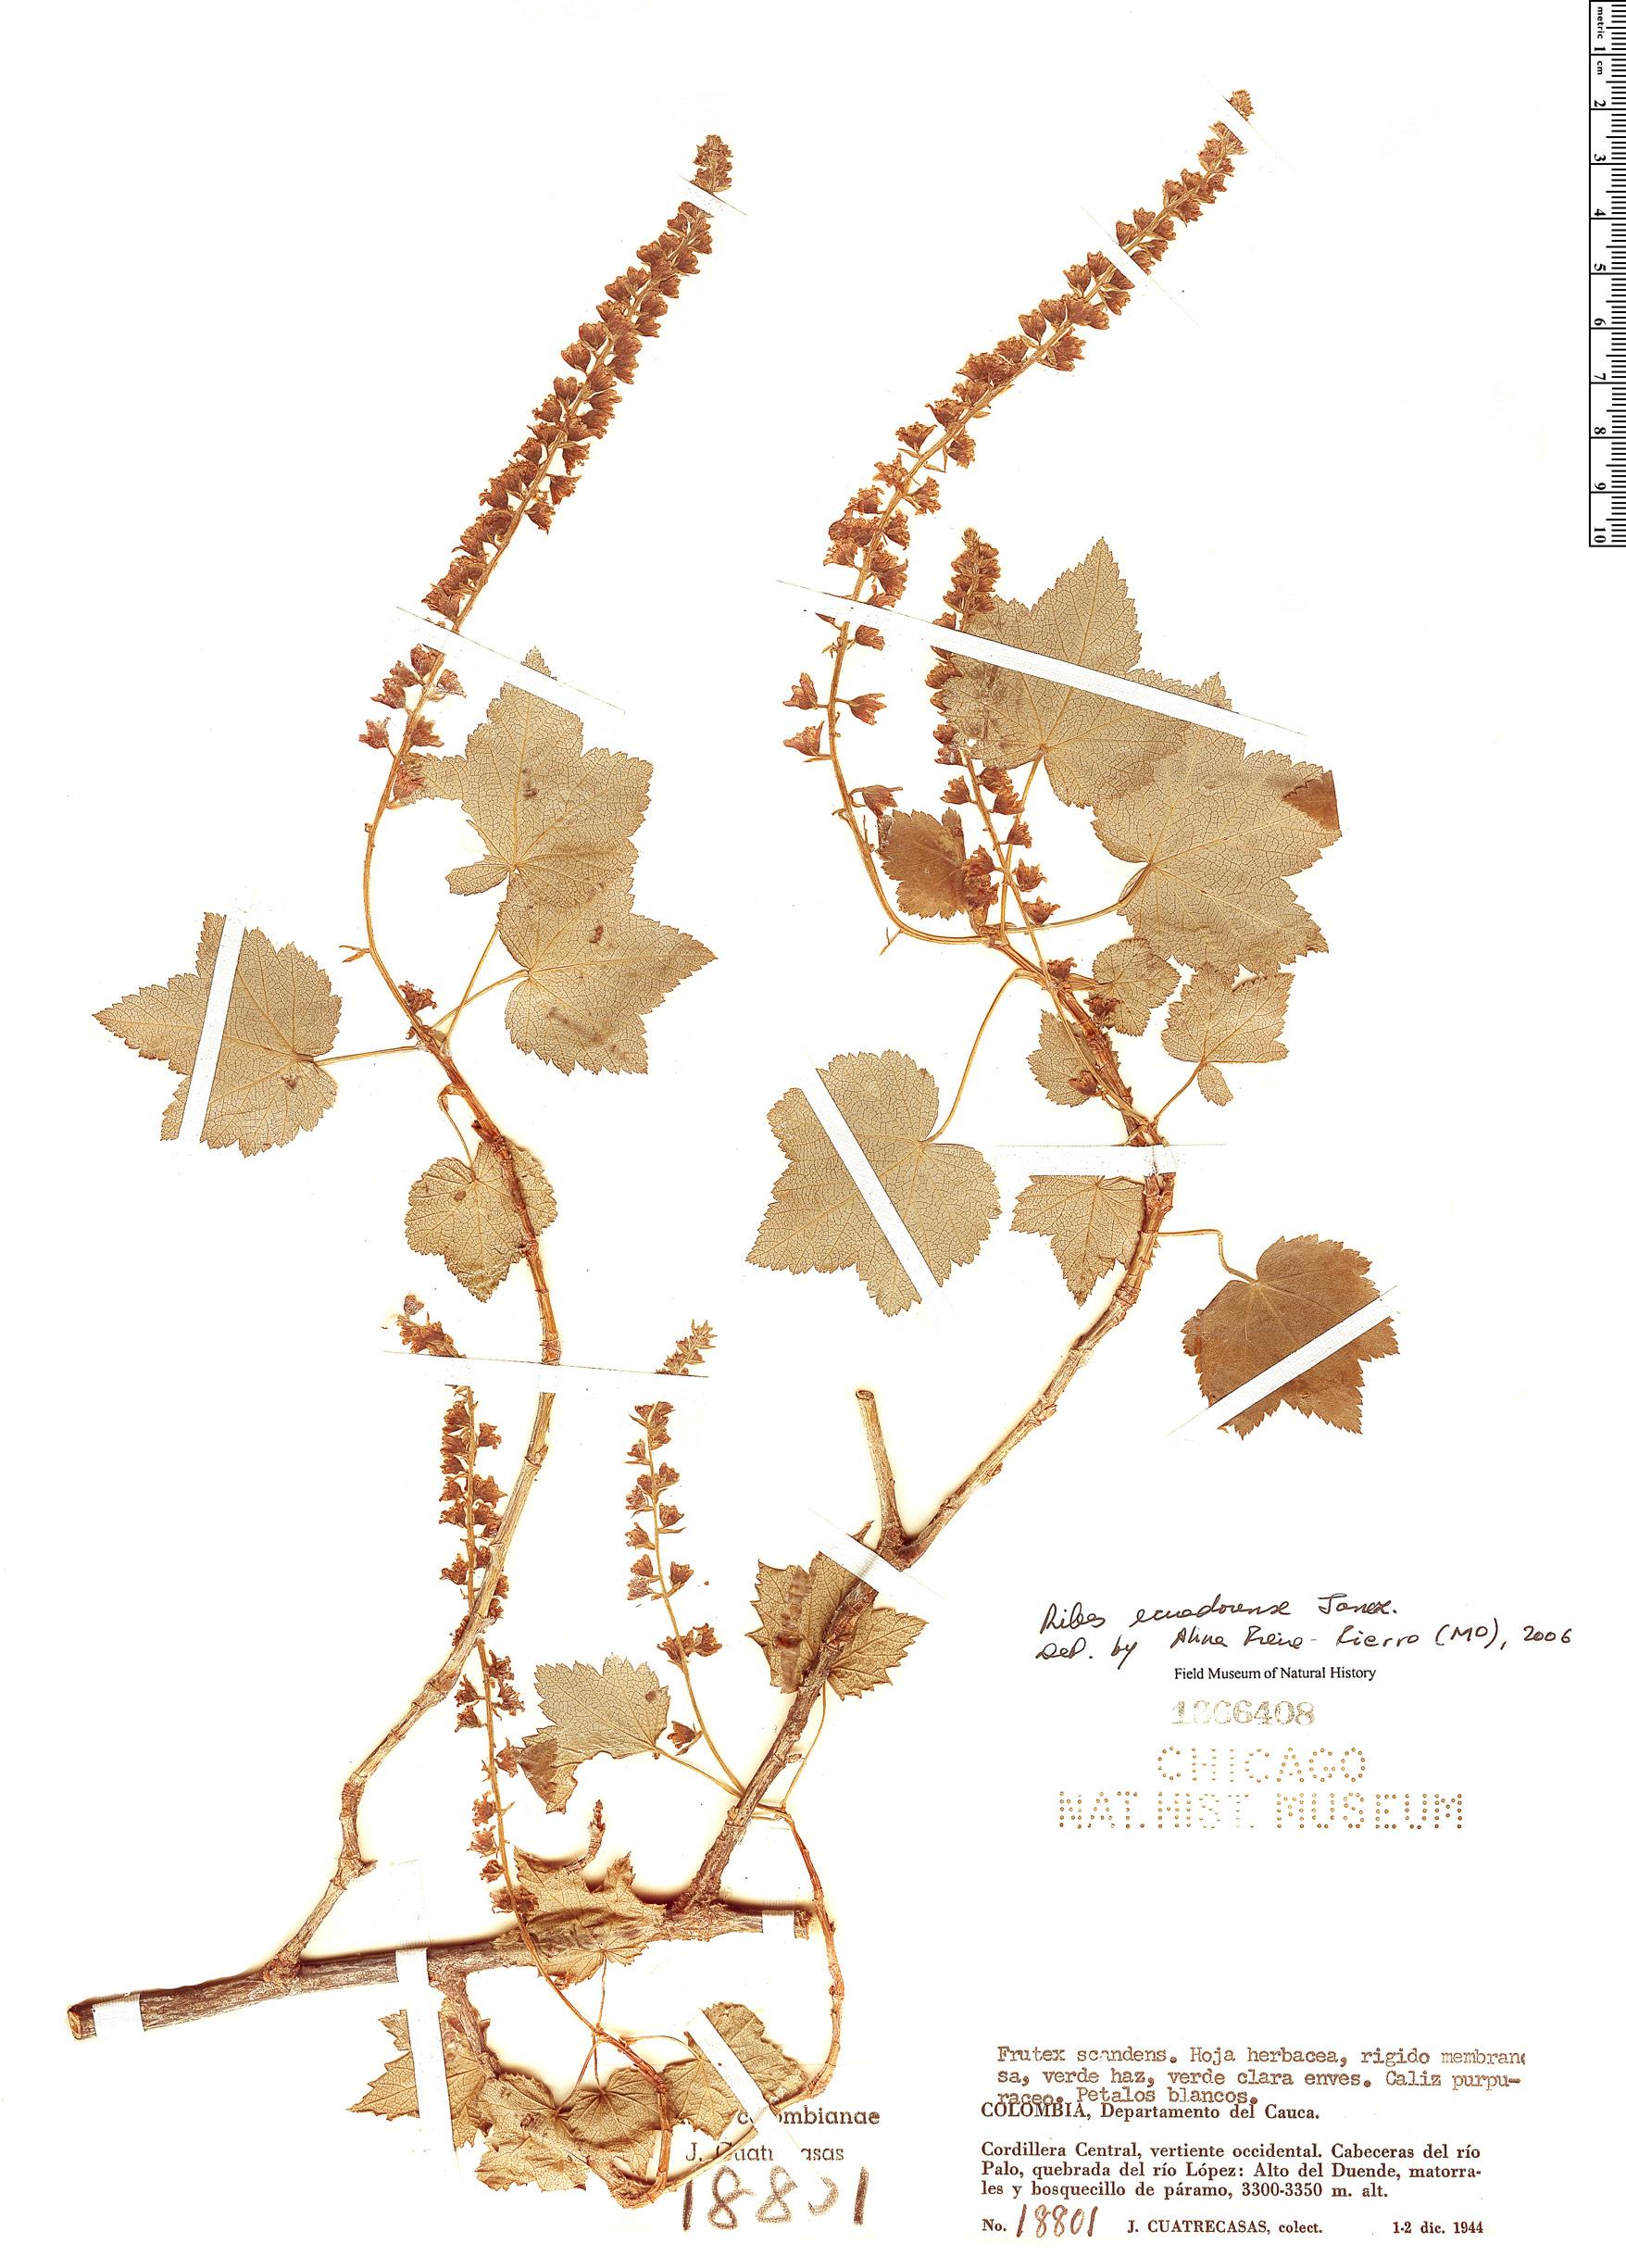 Specimen: Ribes ecuadorense